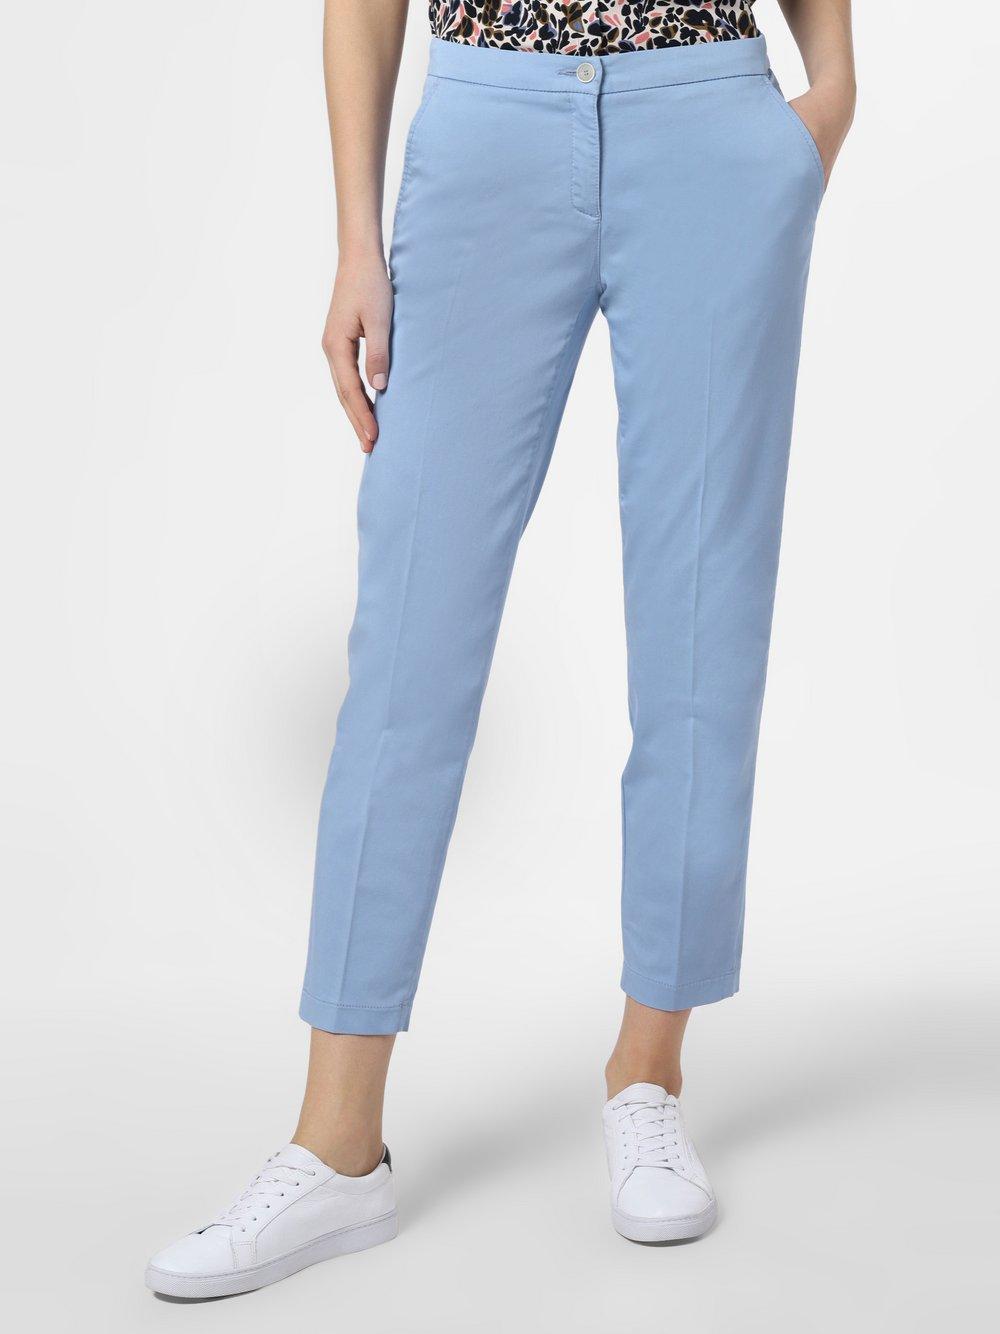 BRAX - Spodnie damskie – Maron, niebieski